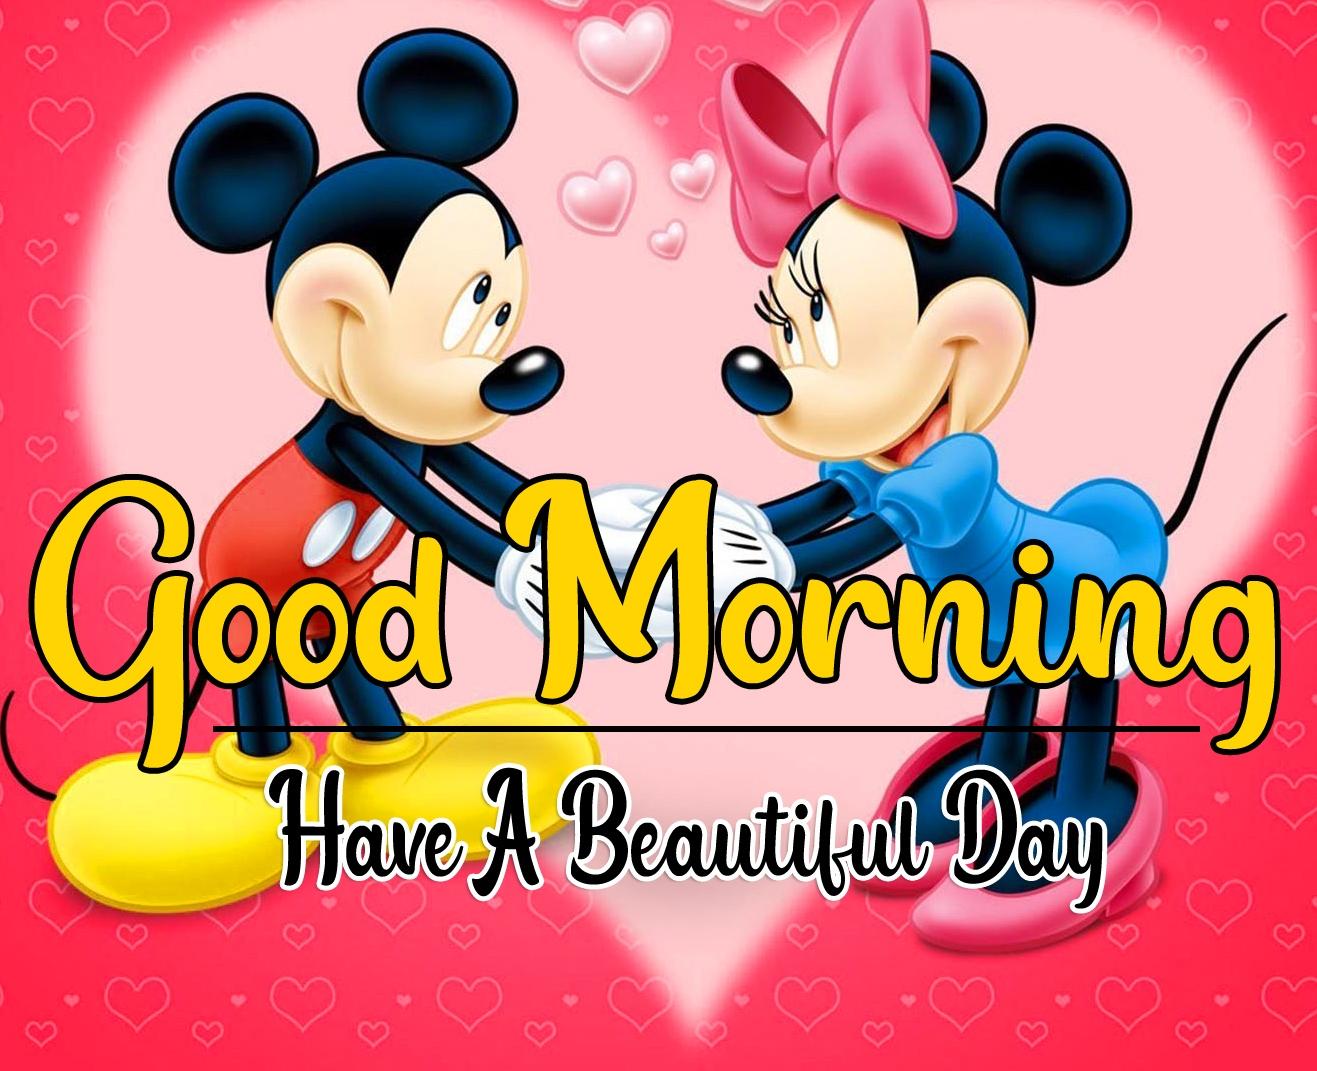 Special Good Morning Wallpaper 27